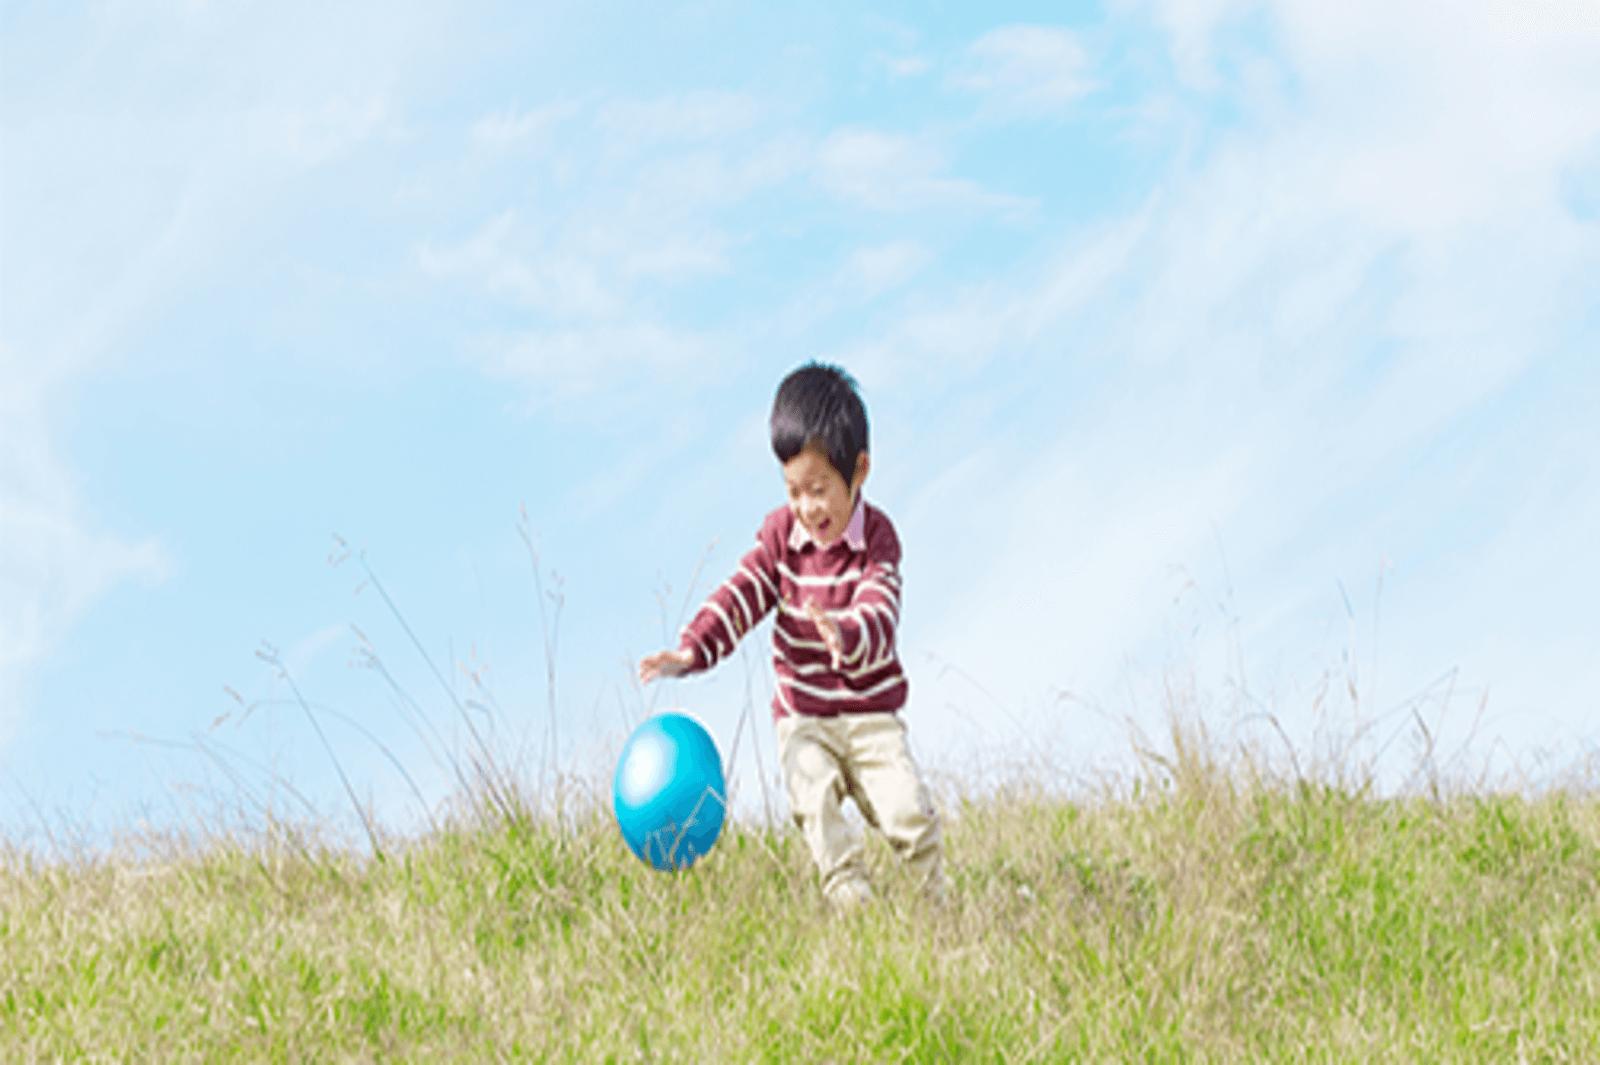 Optimalkan Pertumbuhan Anak dengan Aktif Bermain